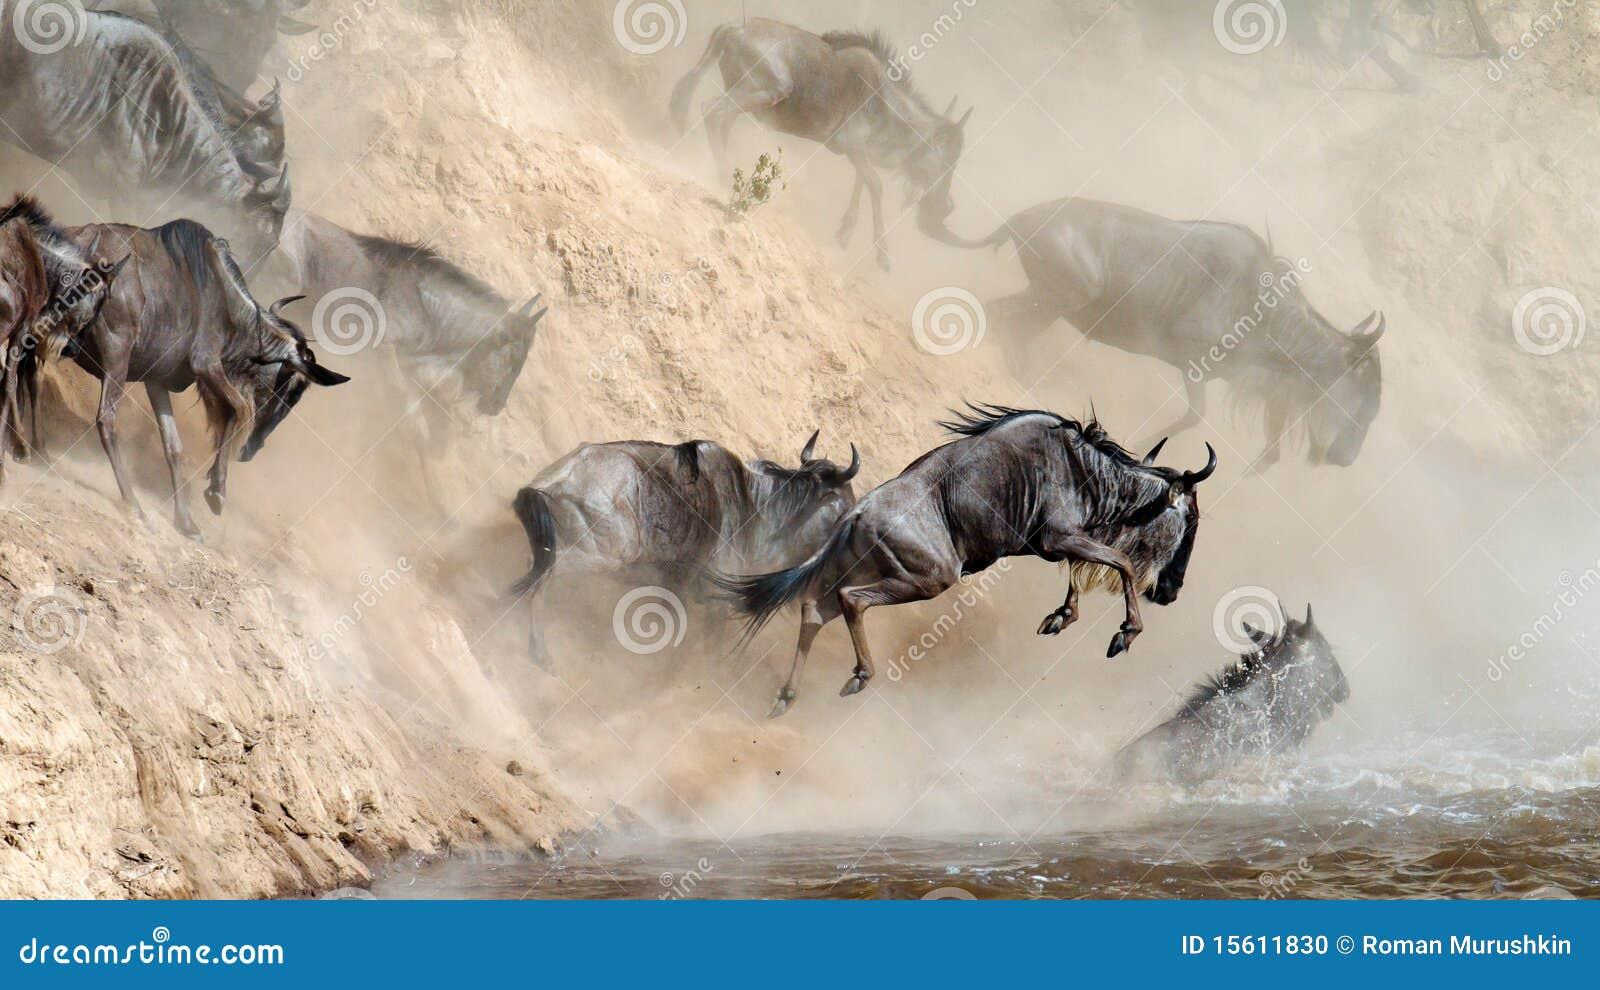 Wildebeest springt in den Fluss von einer hohen Klippe